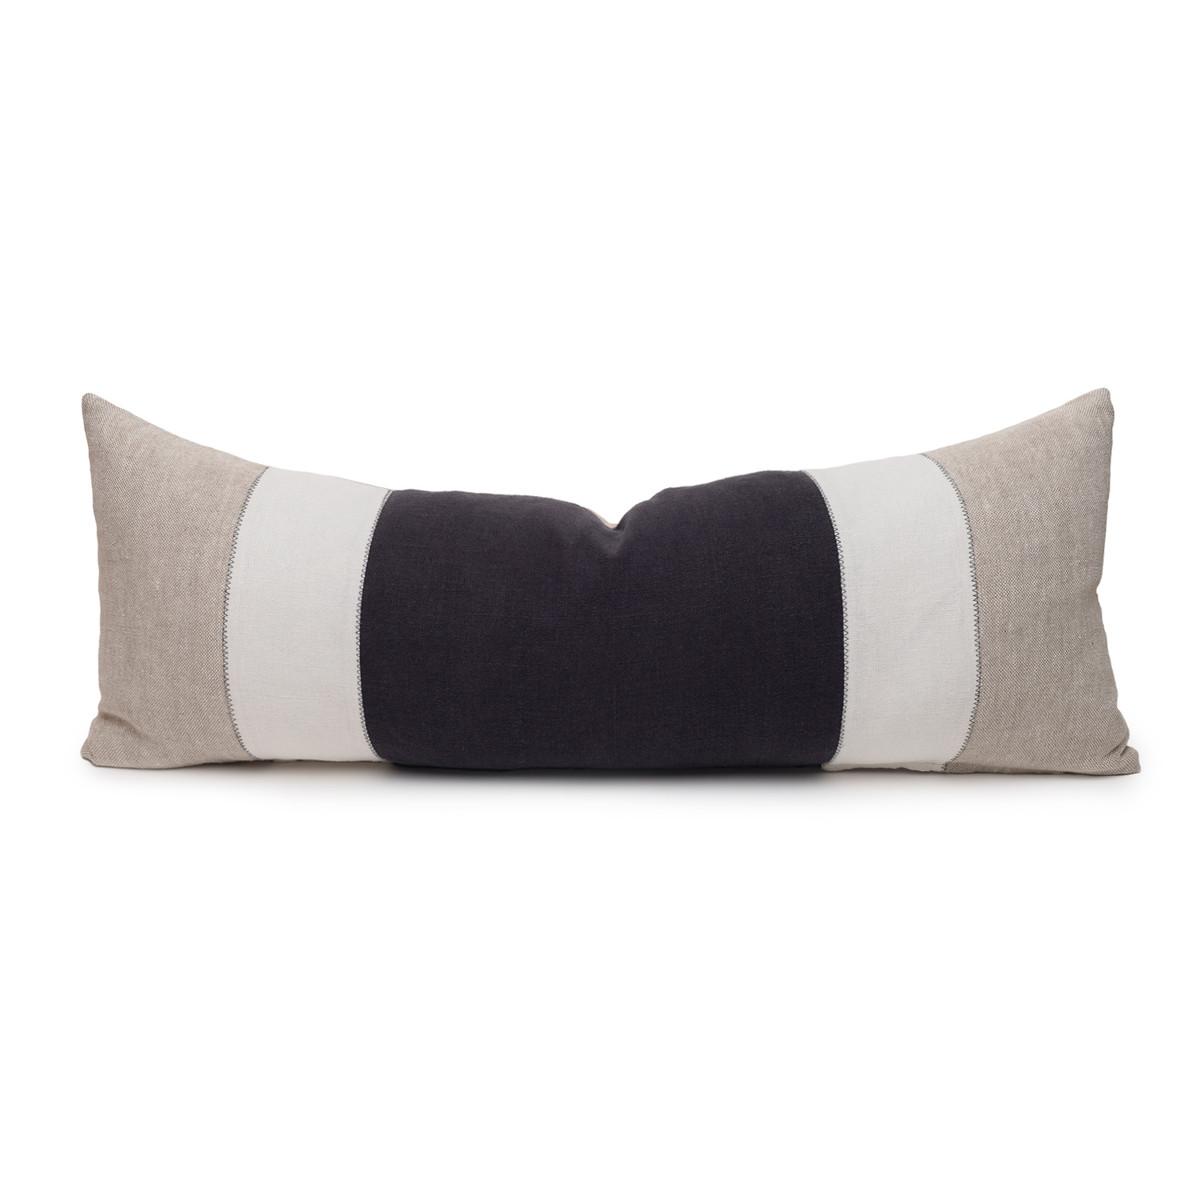 Hampton Carbon and Natural Linen Lumbar Pillow - 14 x 36  - Front